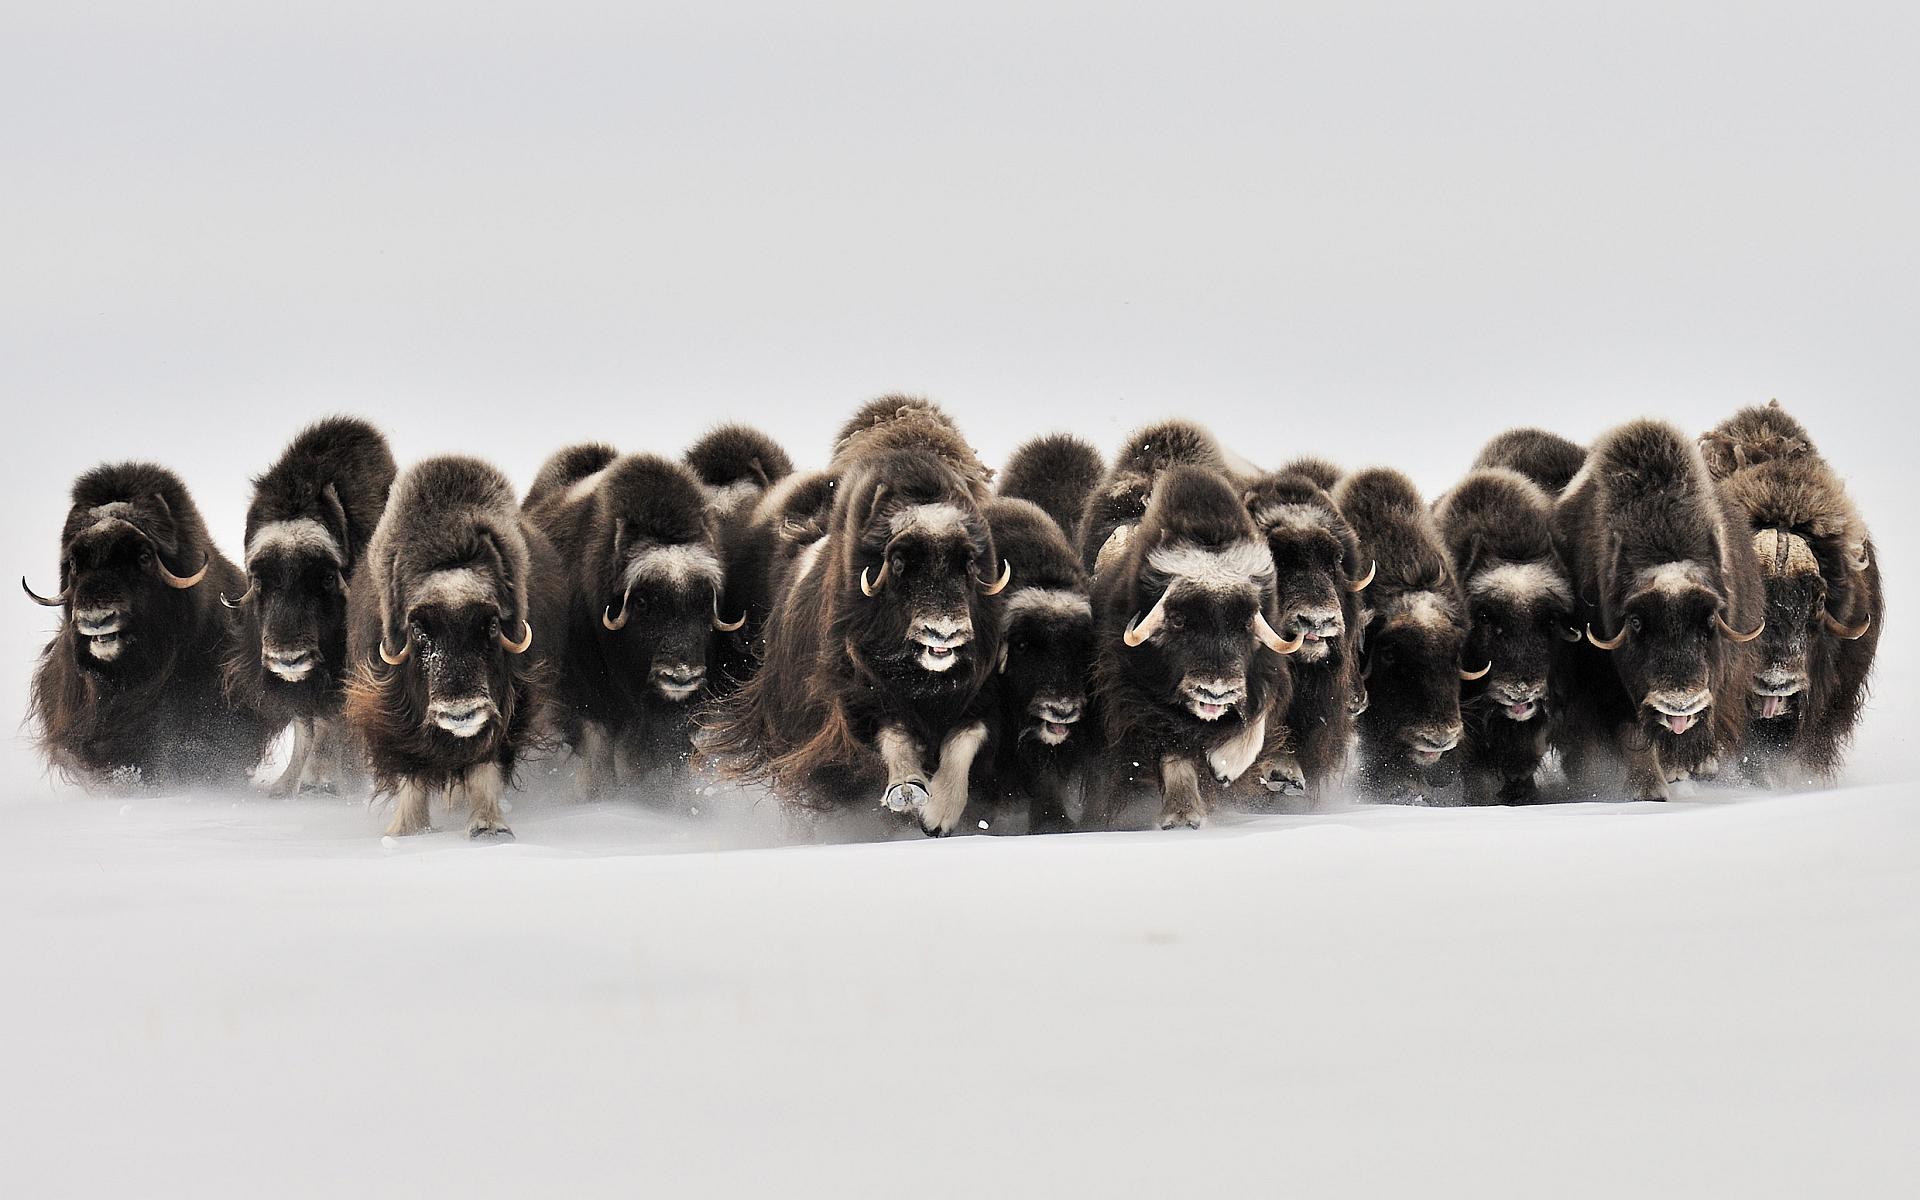 musk oxen wallpaper